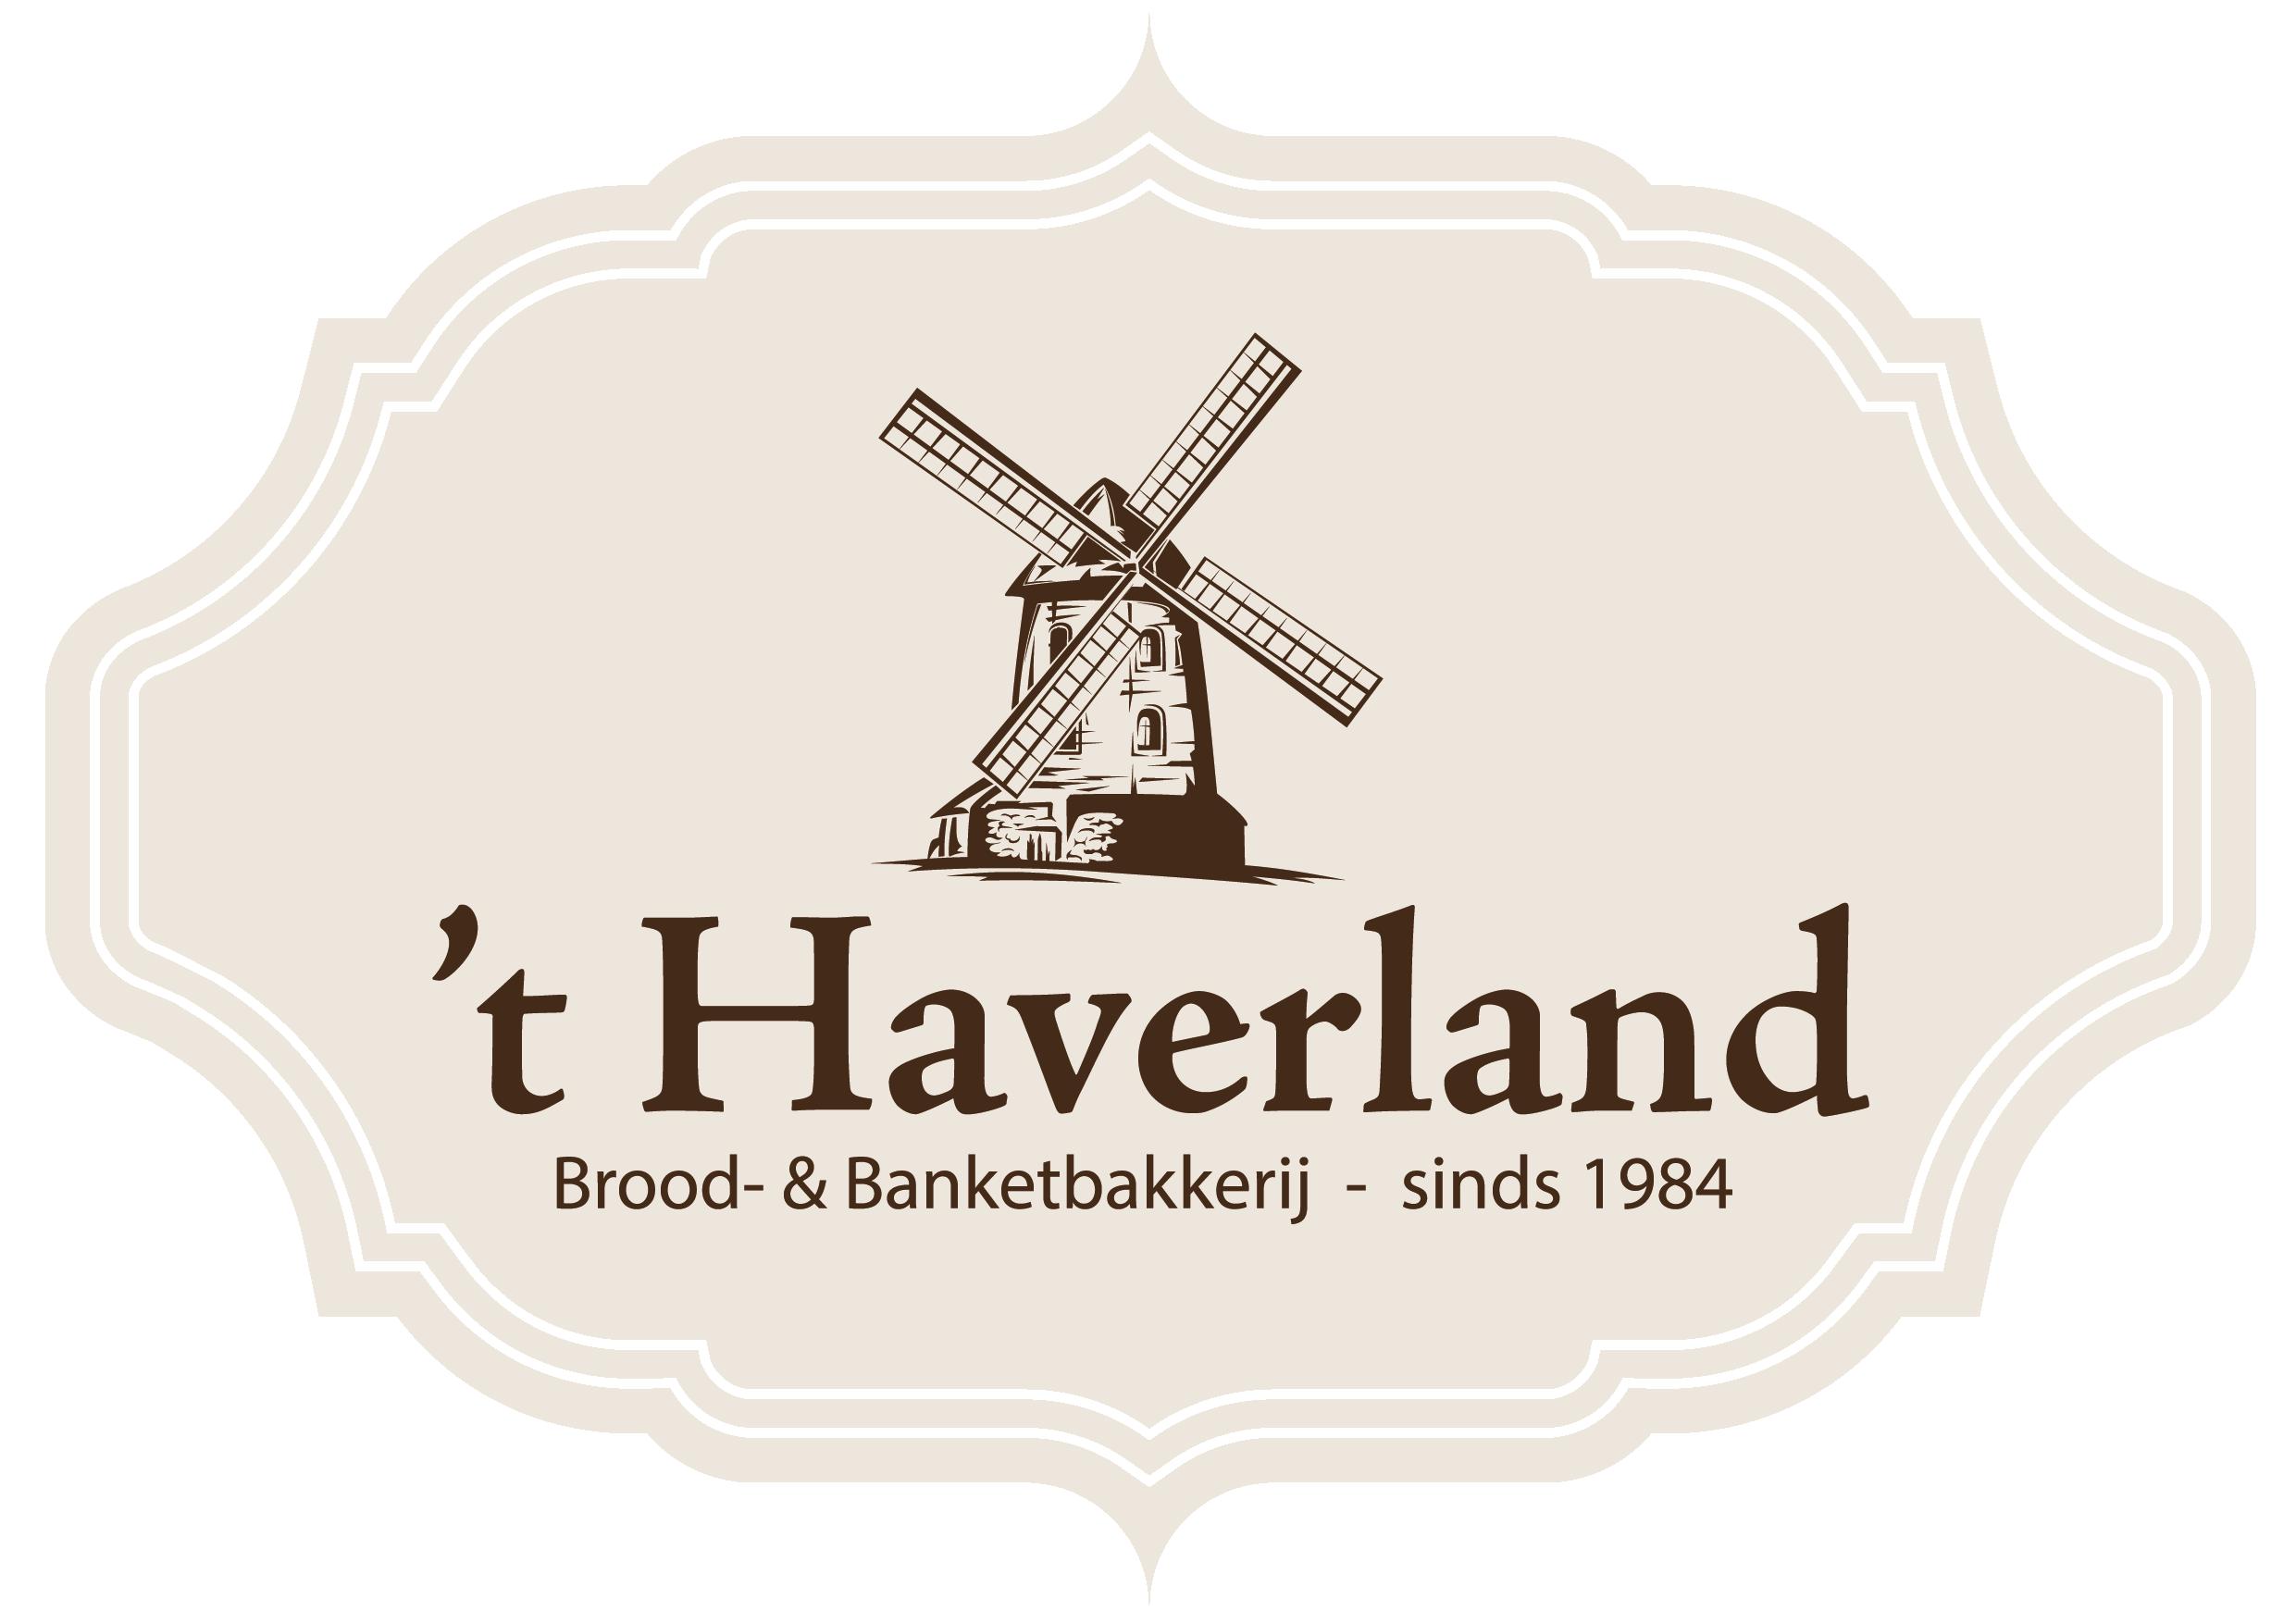 Brood- en Banketbakkerij 't Haverland